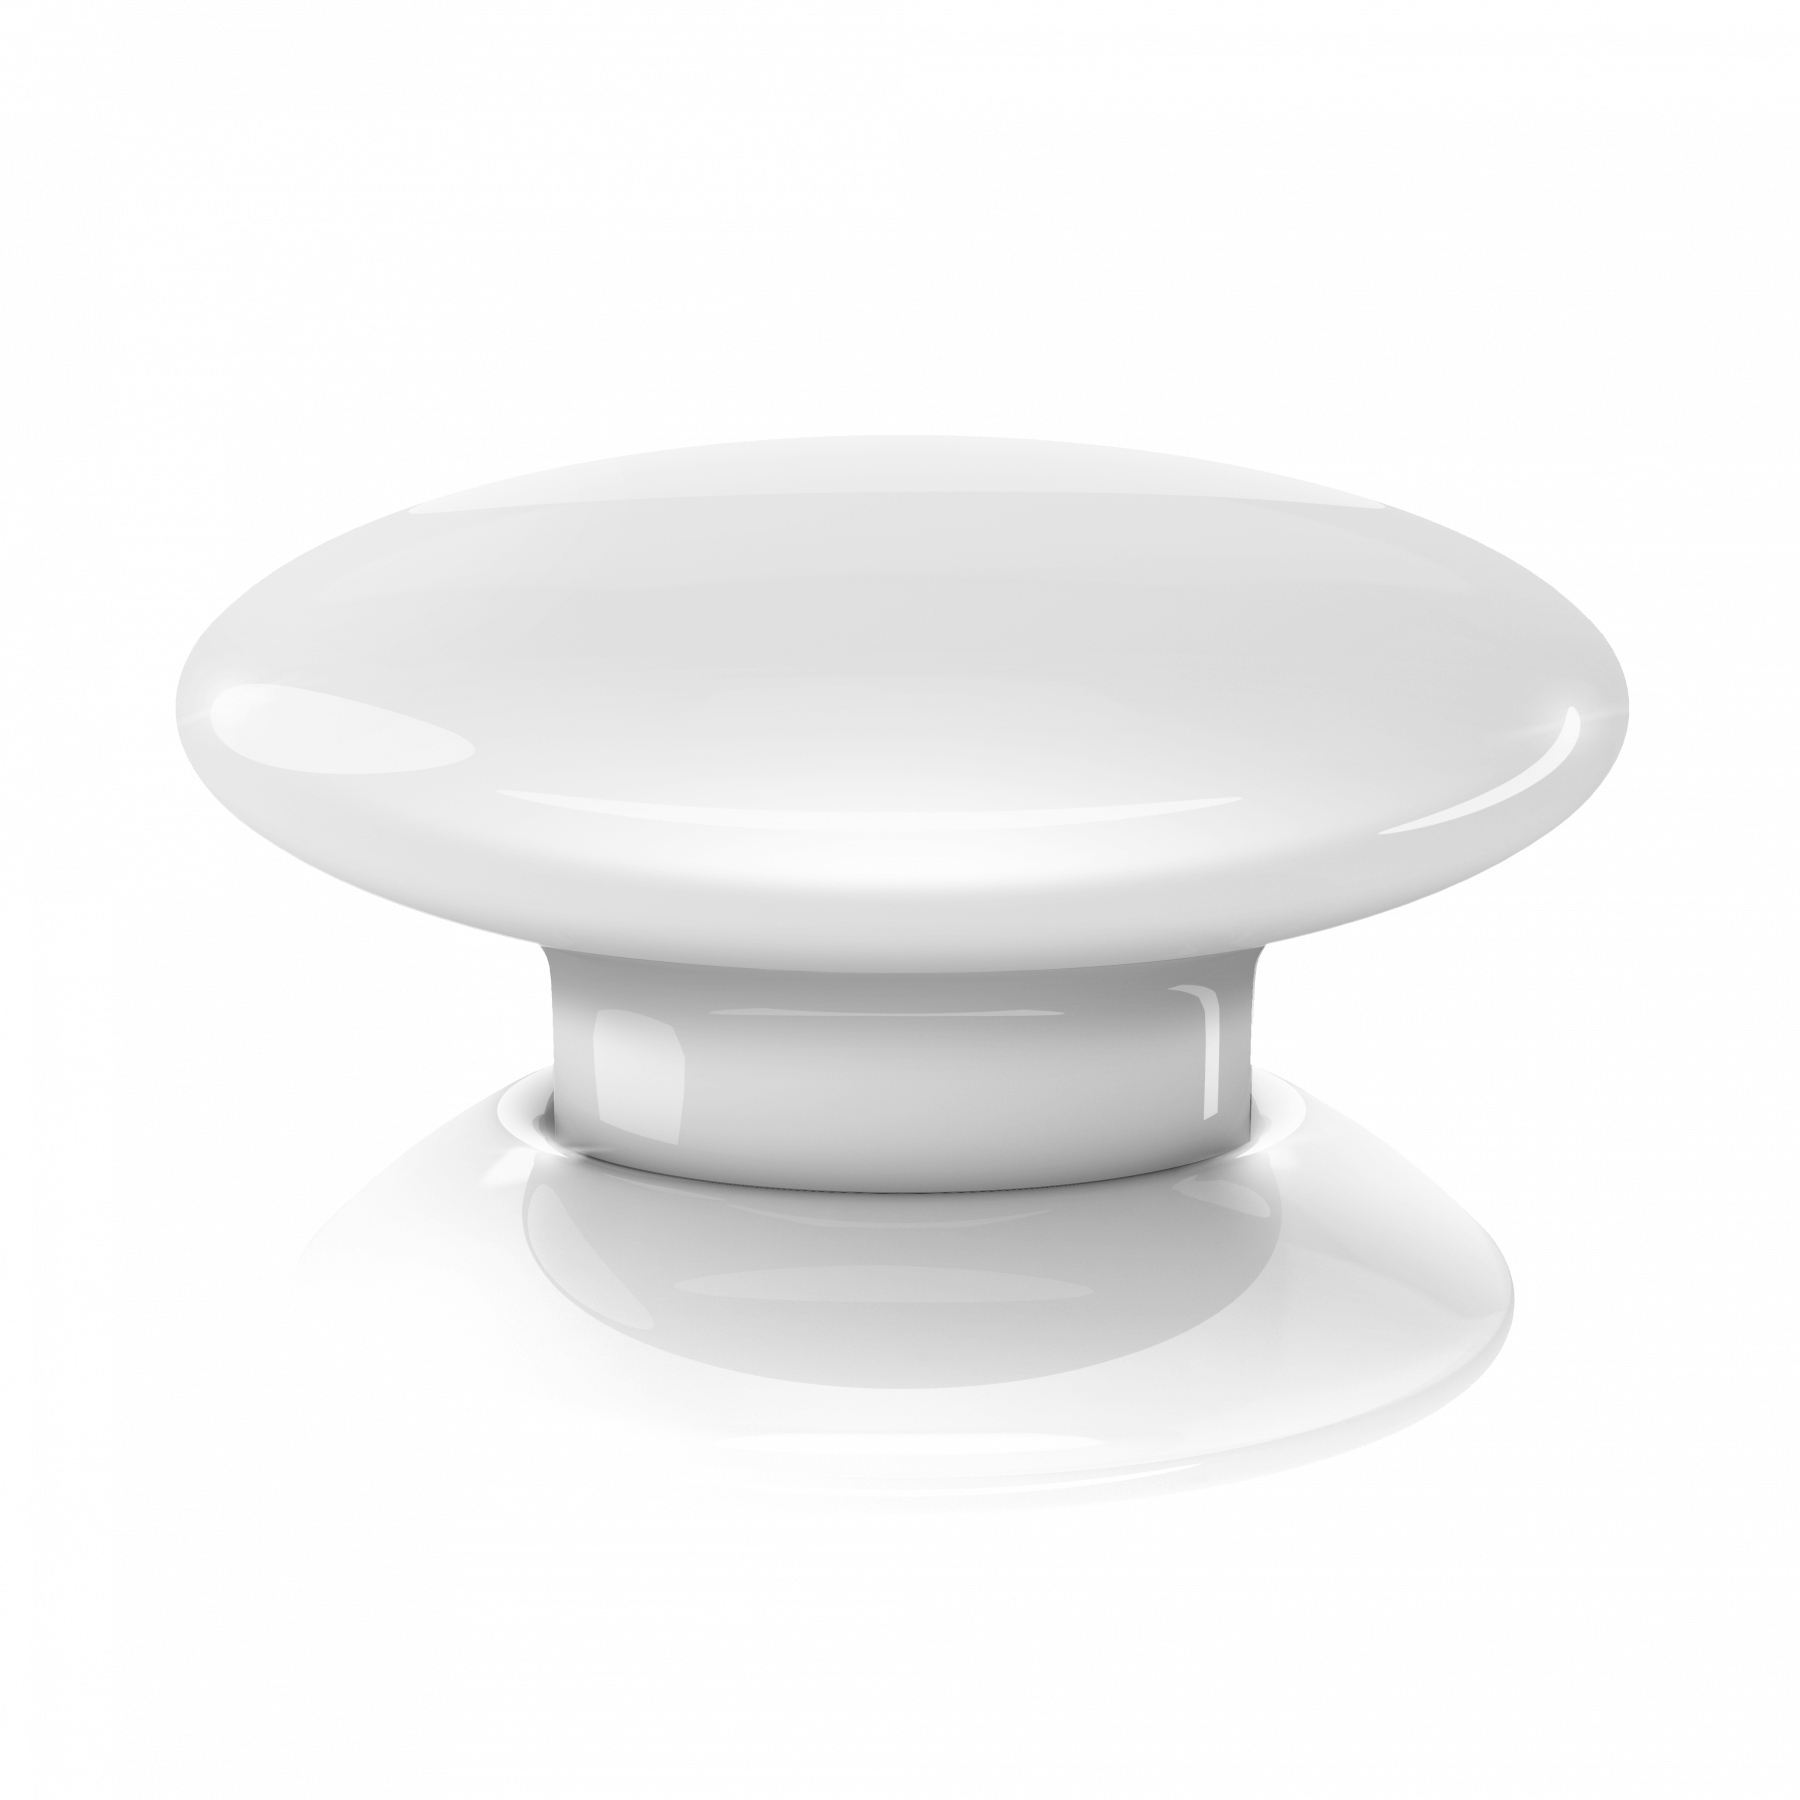 The Button (bezprzewodowy kontroler scen) Fibaro FGPB-101 ZW5  (biały)